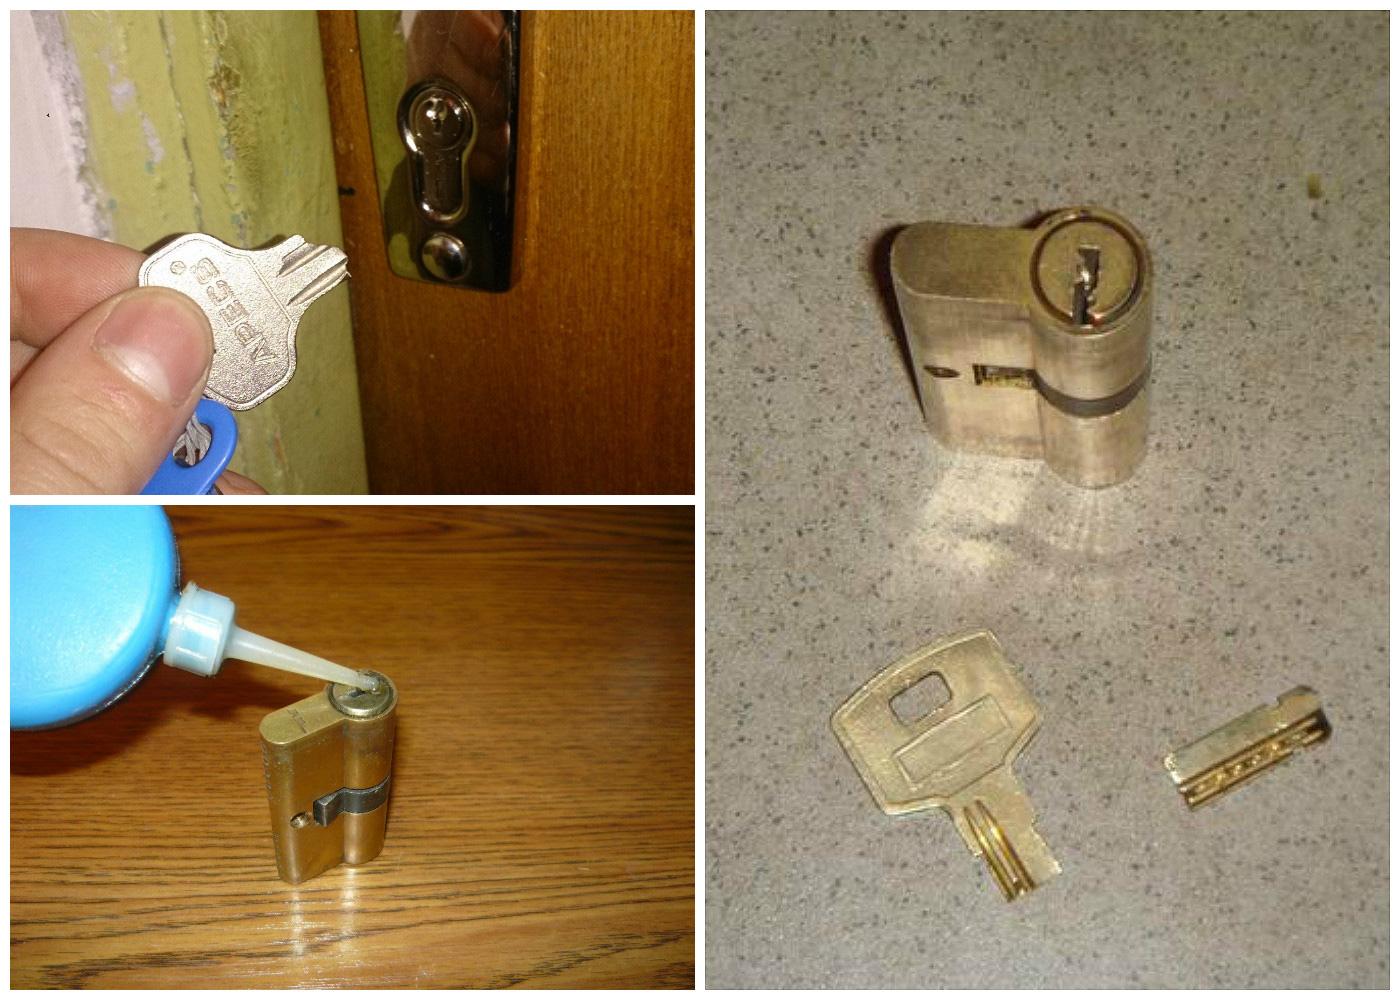 Сломался ключ в межкомнатной двери